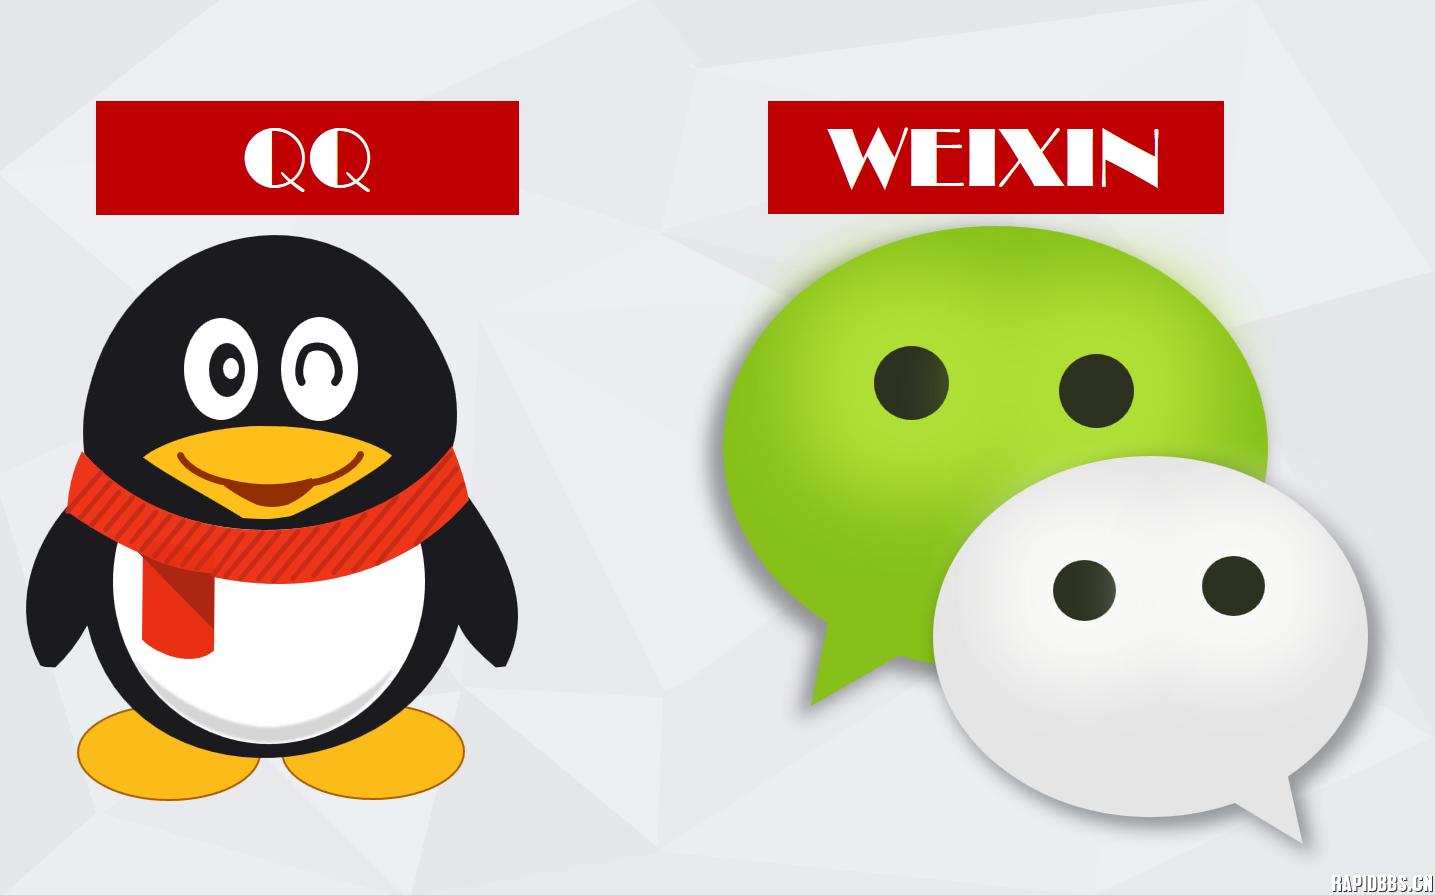 用ppt2016绘制的qq企鹅和微信